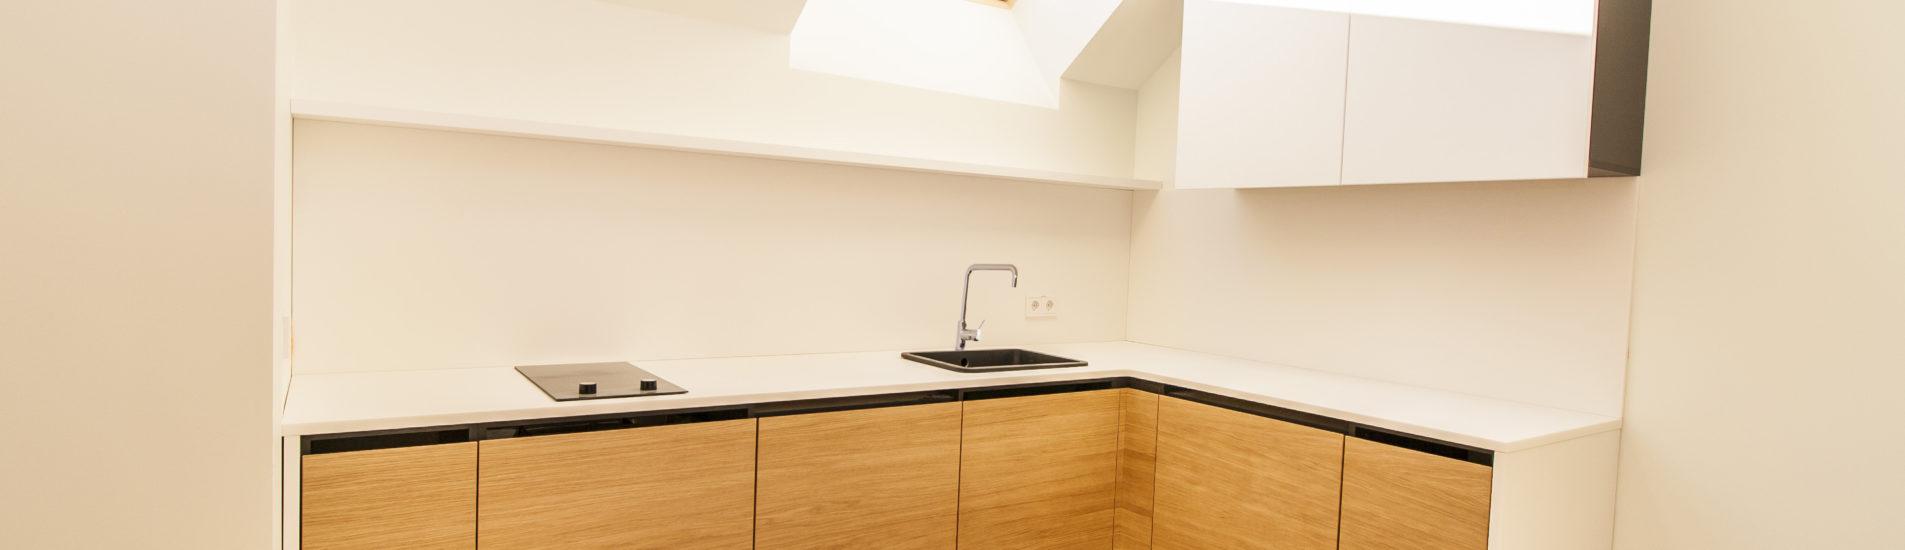 Kvaliteetne köögimööbel eritellimusel